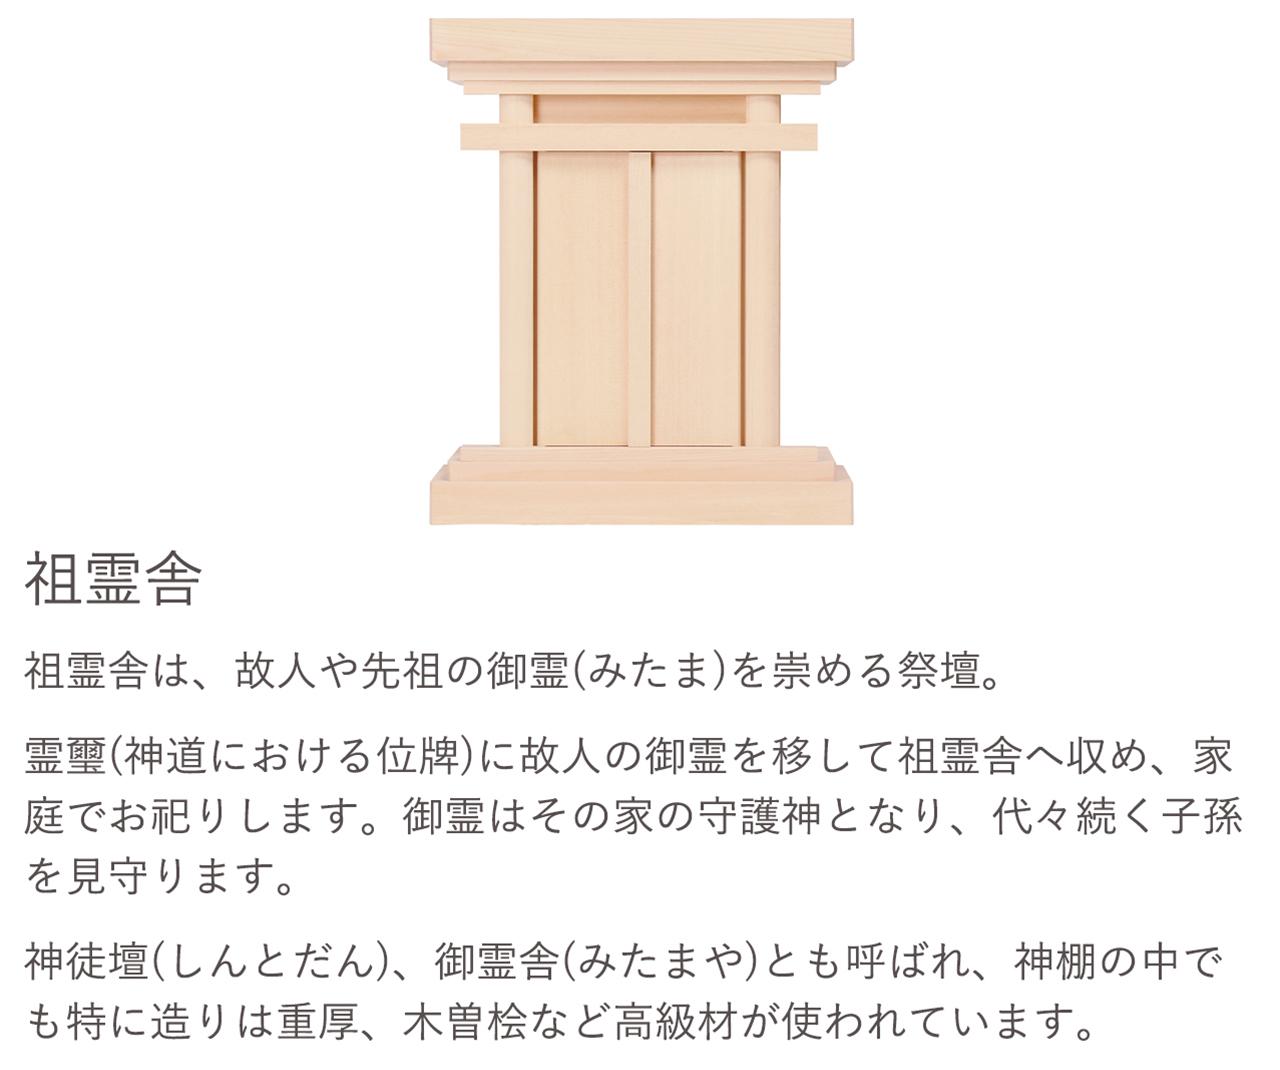 祖霊舎は、故人や先祖の御霊(みたま)を崇める祭壇。御霊はその家の守護神となり、代々続く子孫を見守ります。神徒壇(しんとだん)、御霊舎(みたまや)とも呼ばれ、神棚の中でも特に造りは重厚、木曽桧など高級材が使われています。